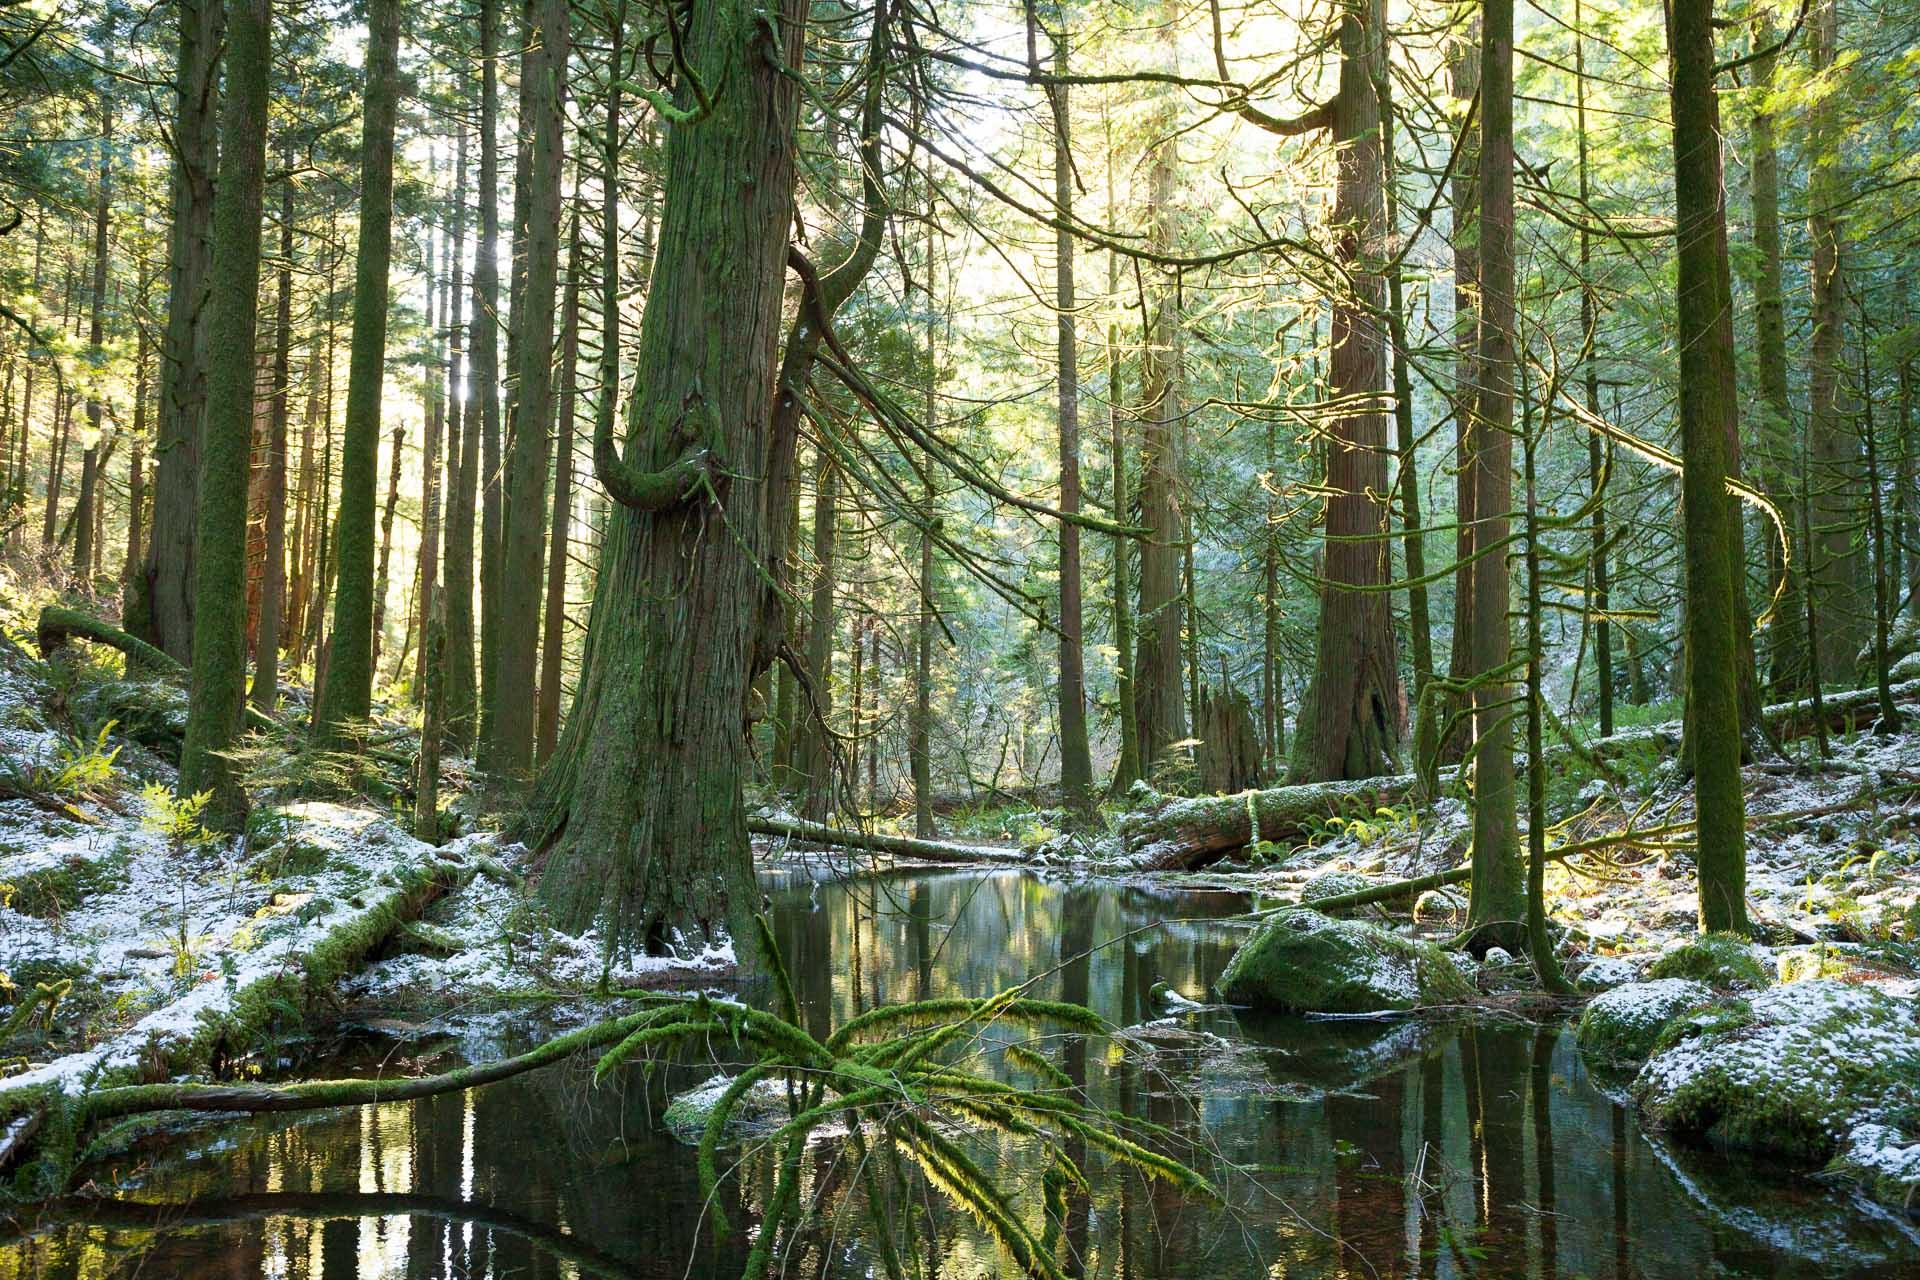 glowing-sunlight-in-winter-forest.jpg